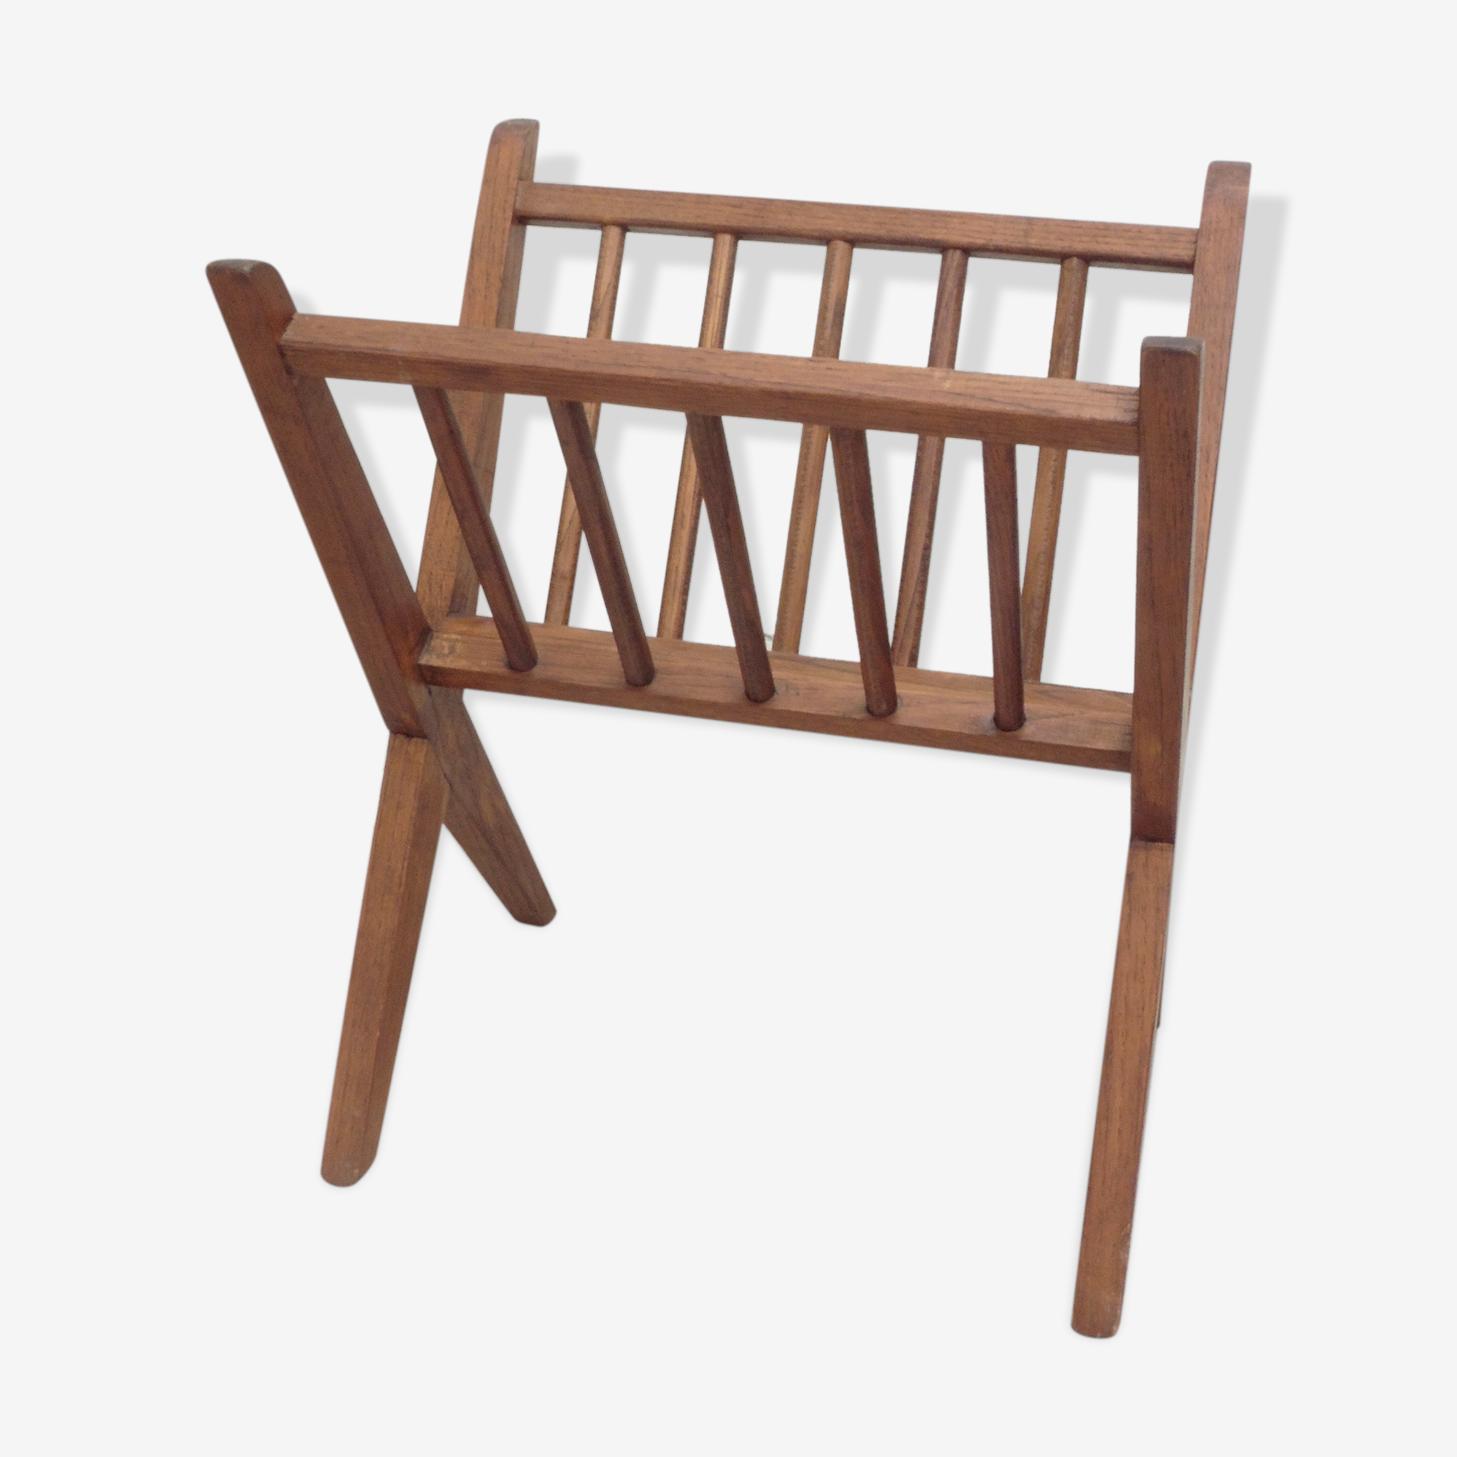 Porte revues en bois style scandinave